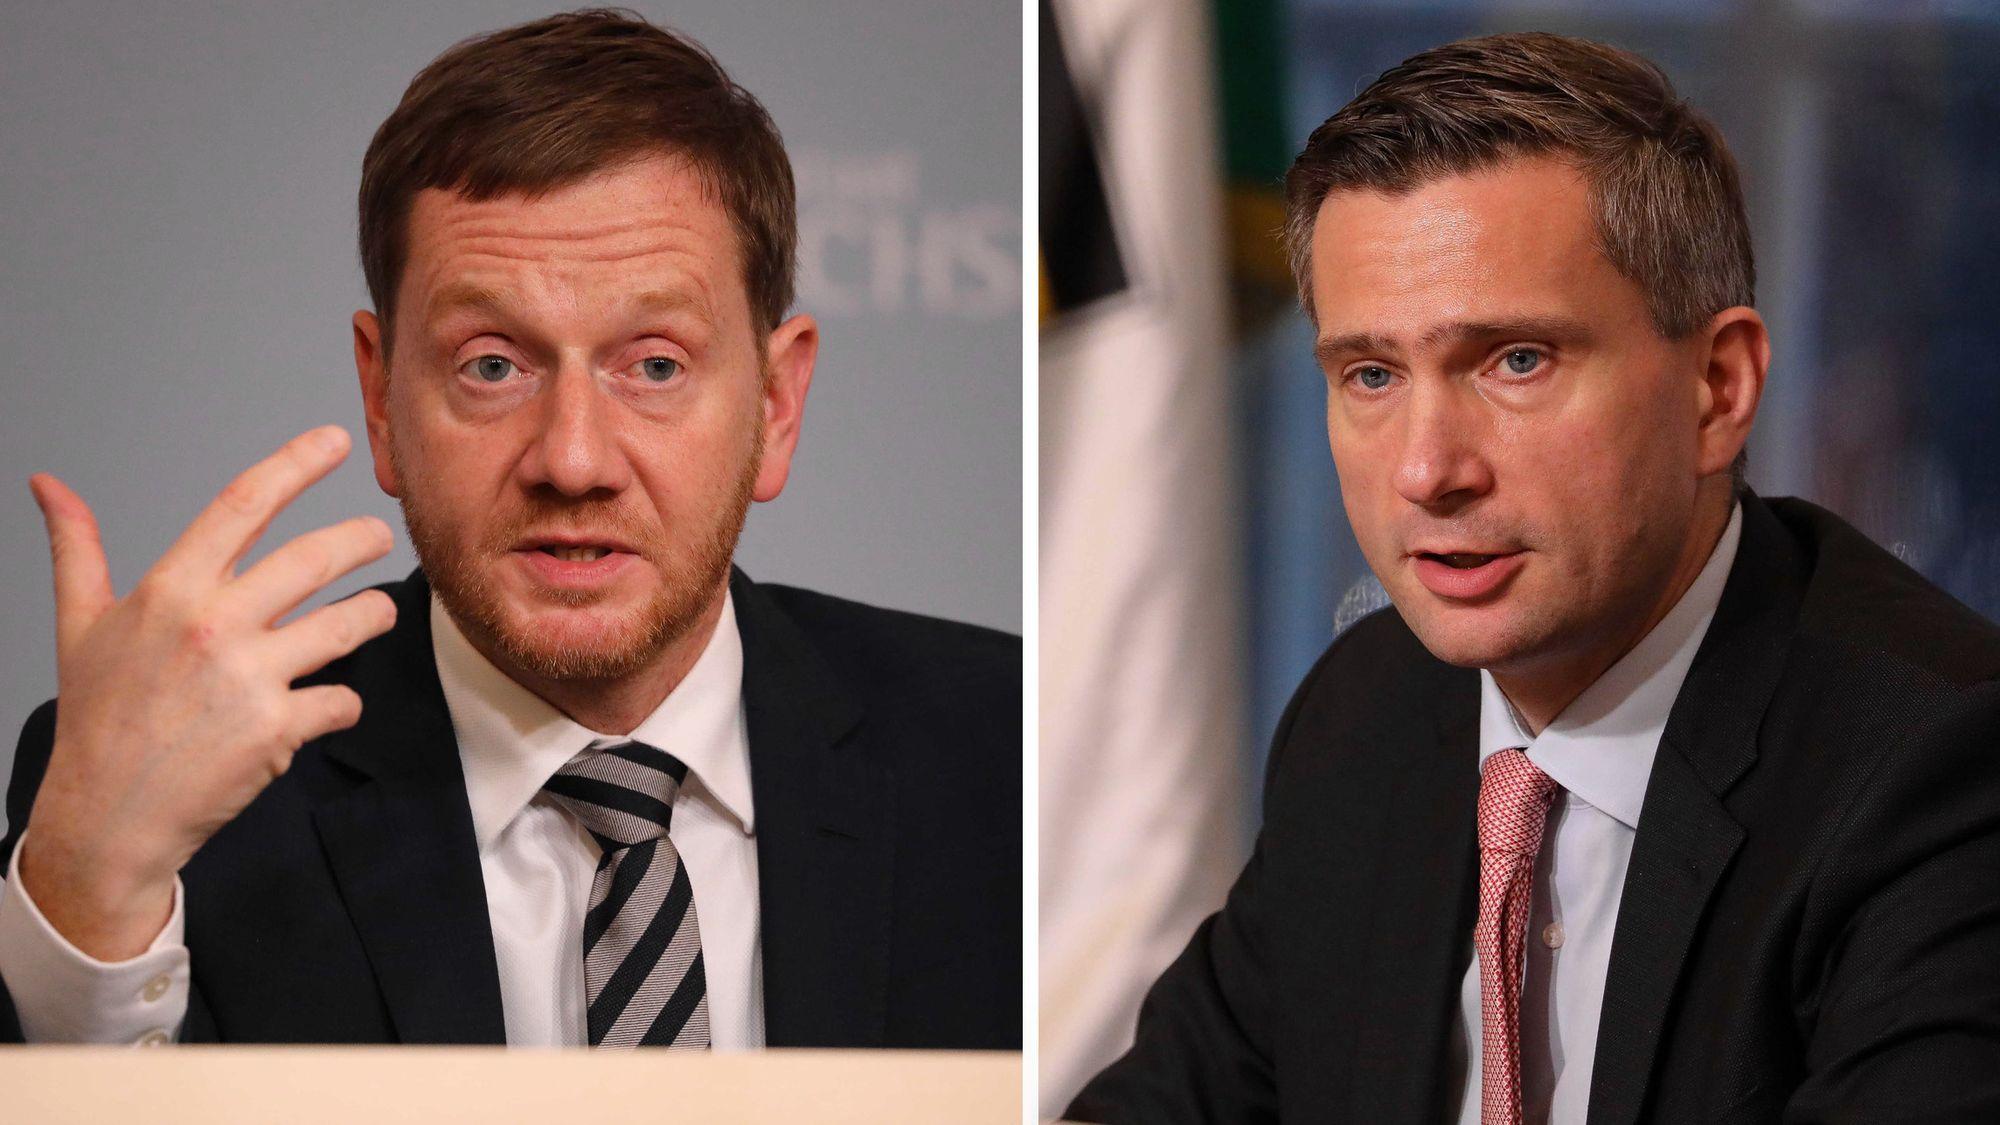 Ministerpräsident Michael Kretschmer (CDU) und Wirtschaftsminister Martin Dulig (SPD) bei der Pressekonferenz - Foto: Tino Plunert